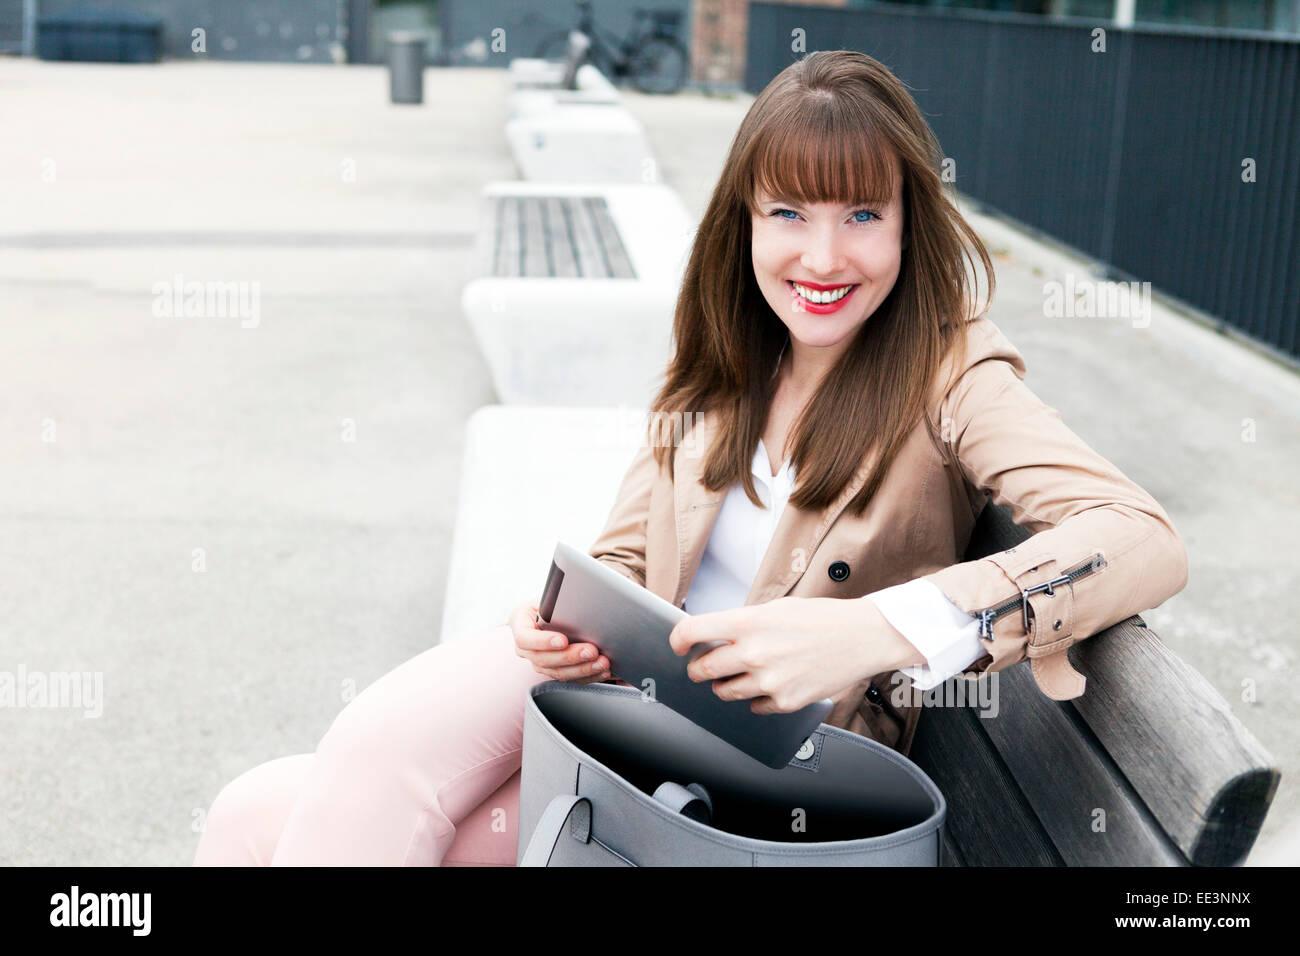 Jeune femme assise sur un banc à l'extérieur, Munich, Bavière, Allemagne Photo Stock